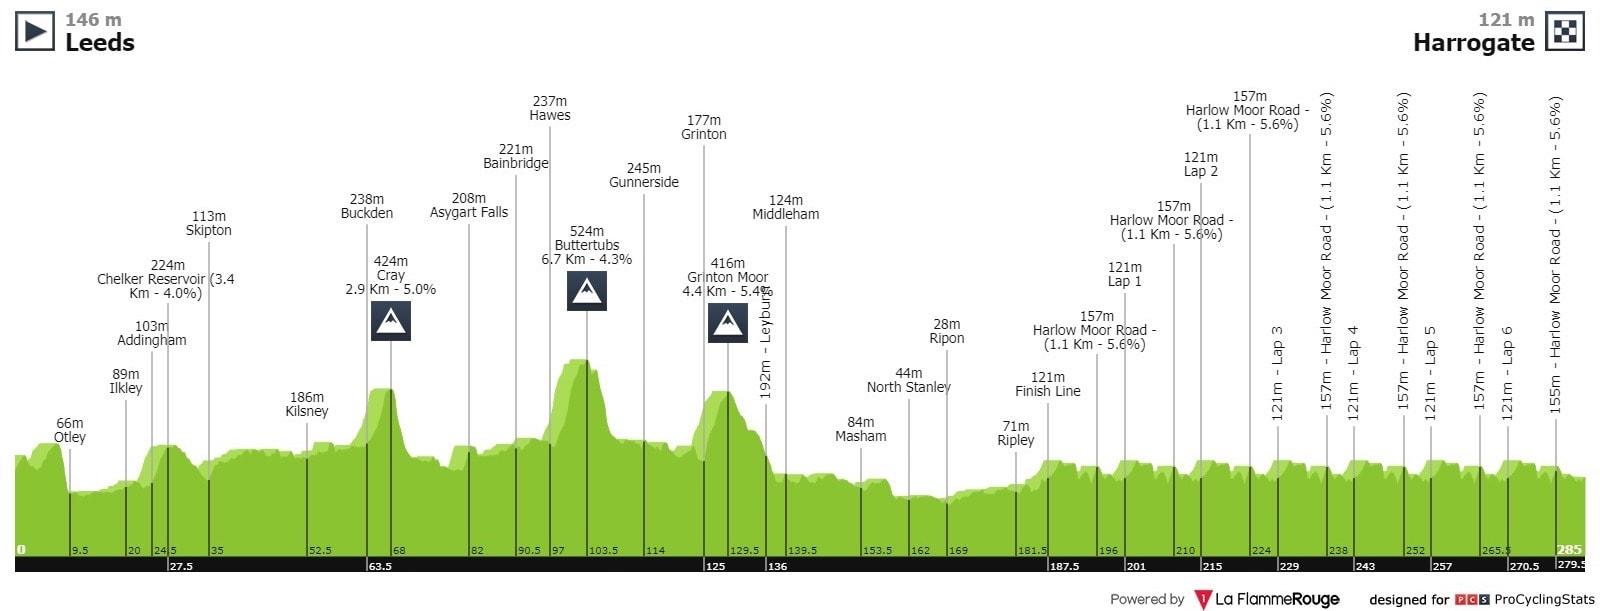 Yorkshire 2019 - Mondiali ciclismo su strada - Altimetria del percorso